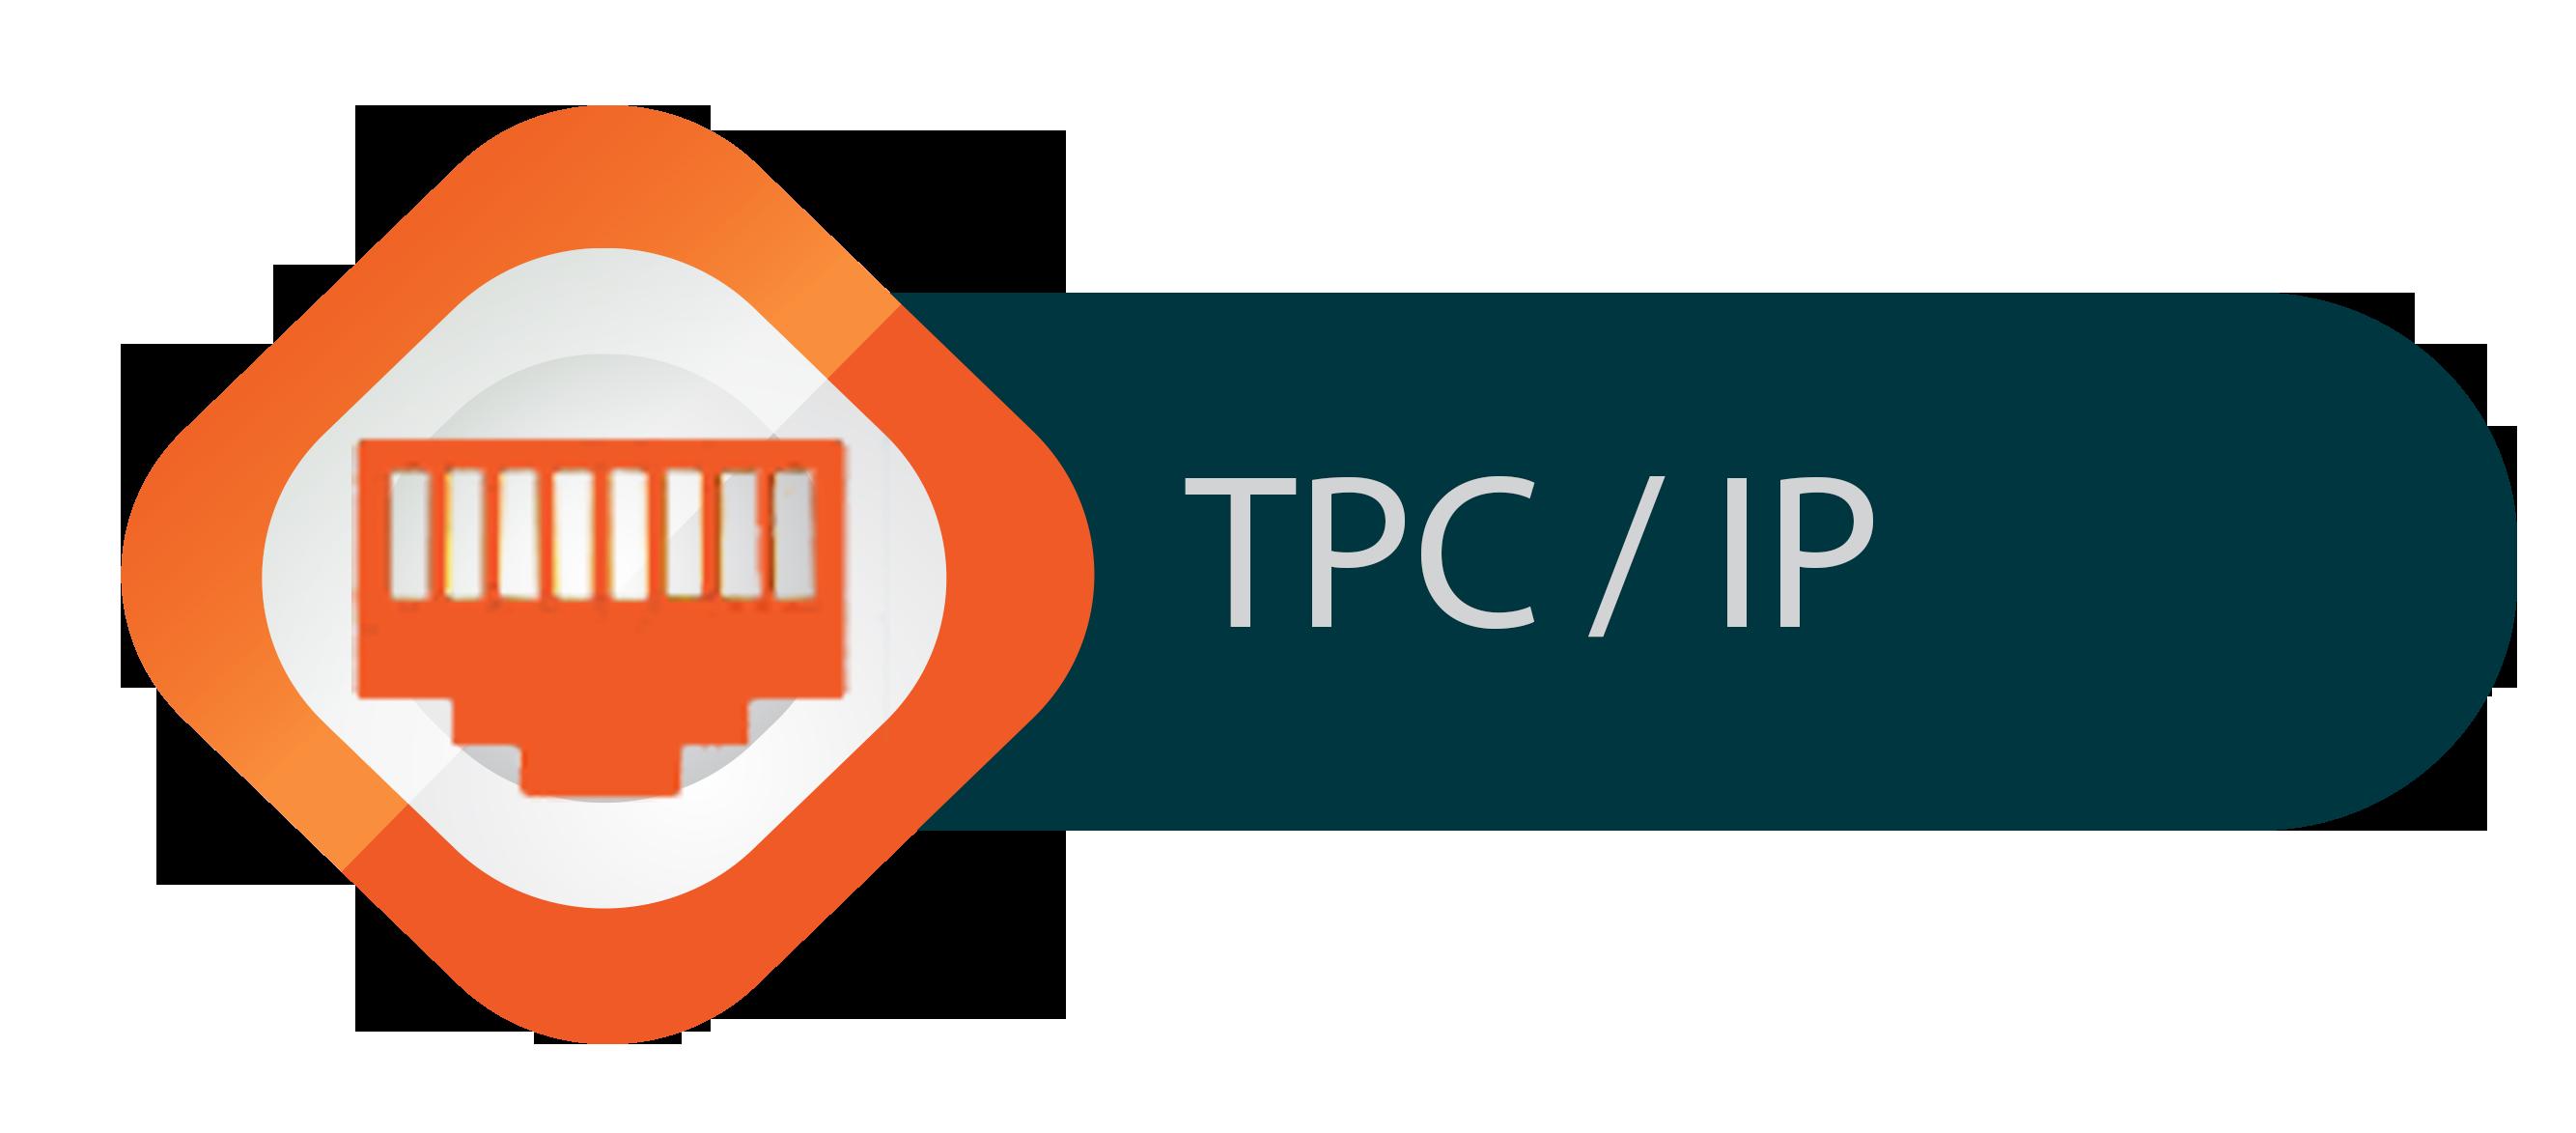 TCP_IP_terminal_probio_controlo_acessos_assiduidade